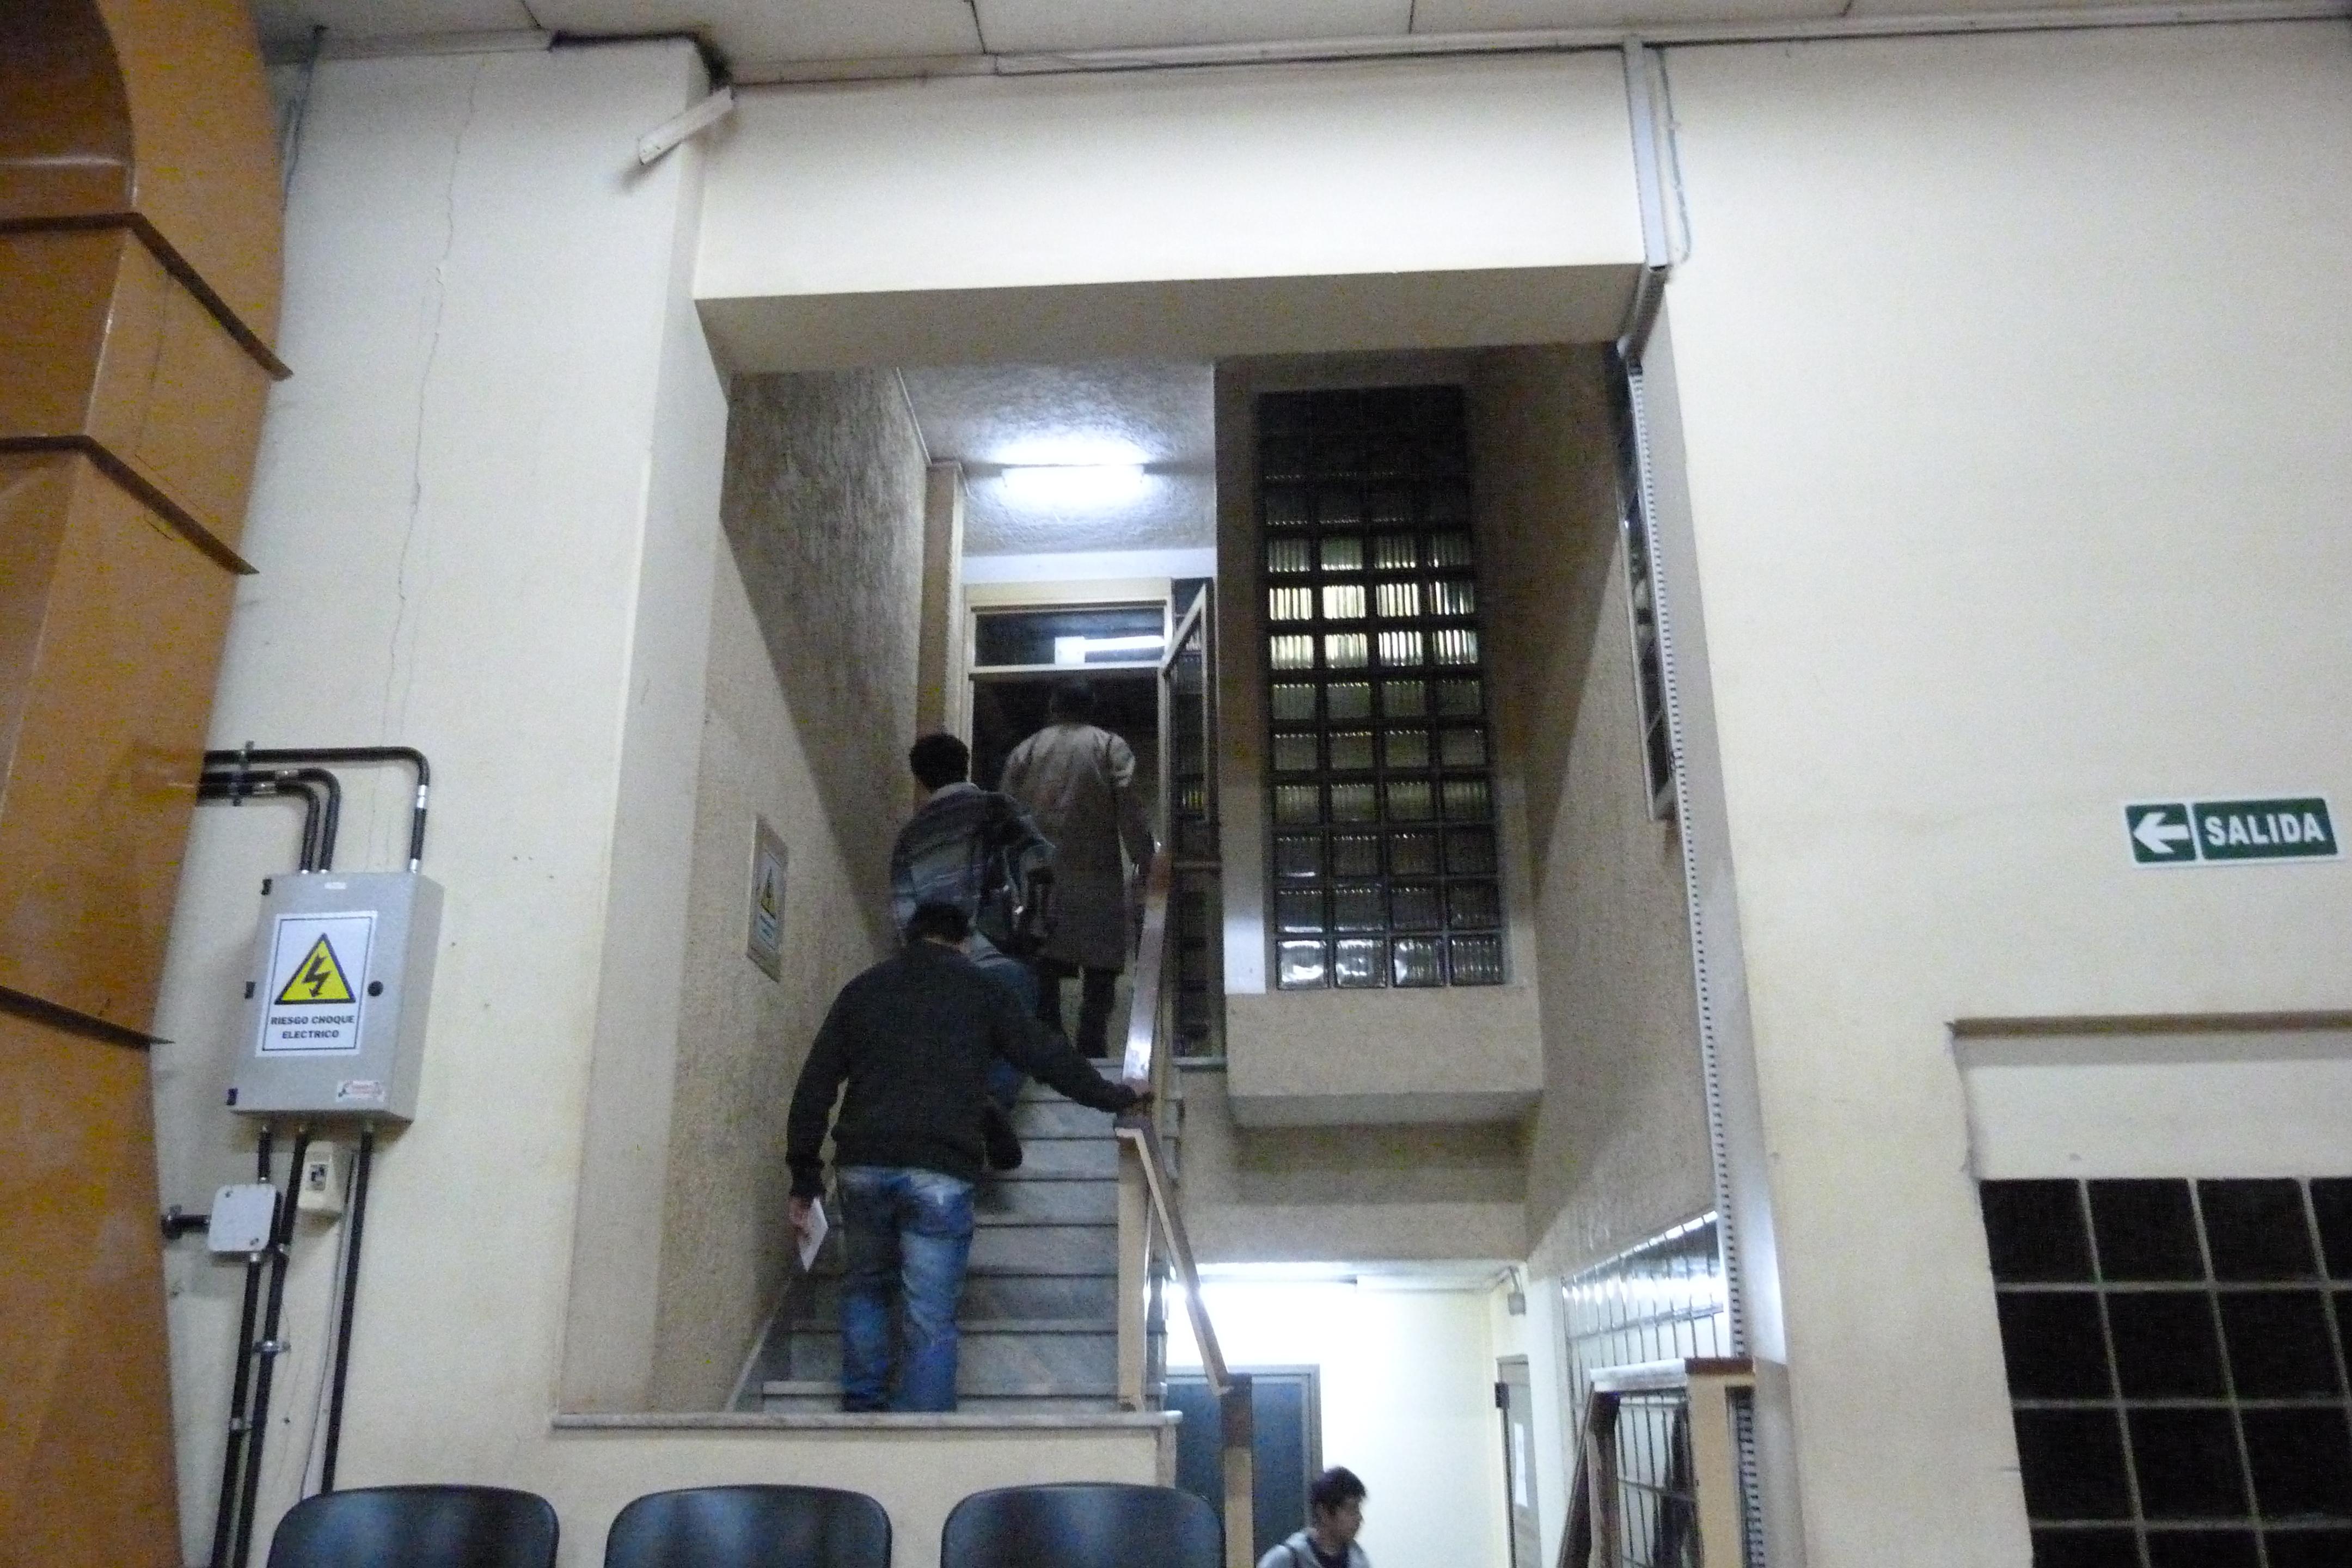 Testigos coincidieron en que Guirula fue golpeado bastante dentro del motel y que de allí salió esposado